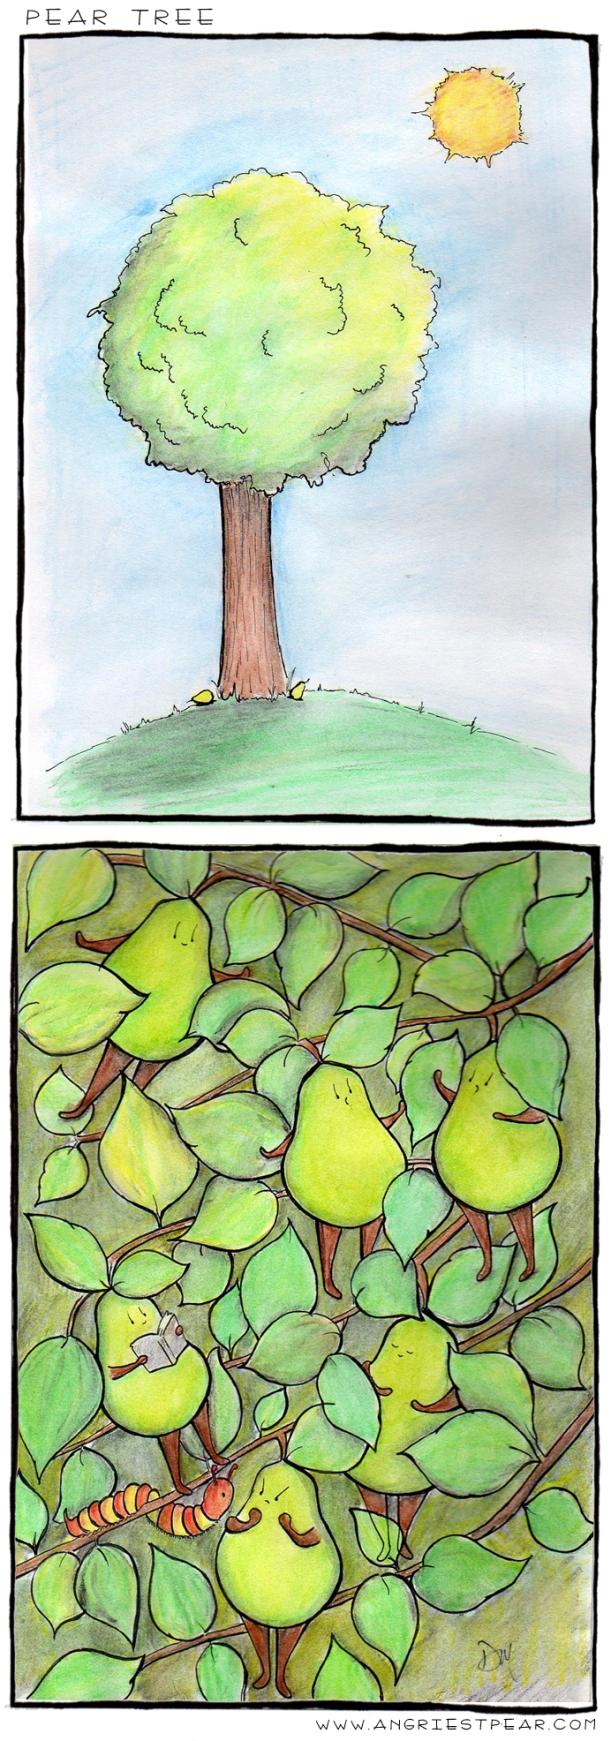 pear tree full